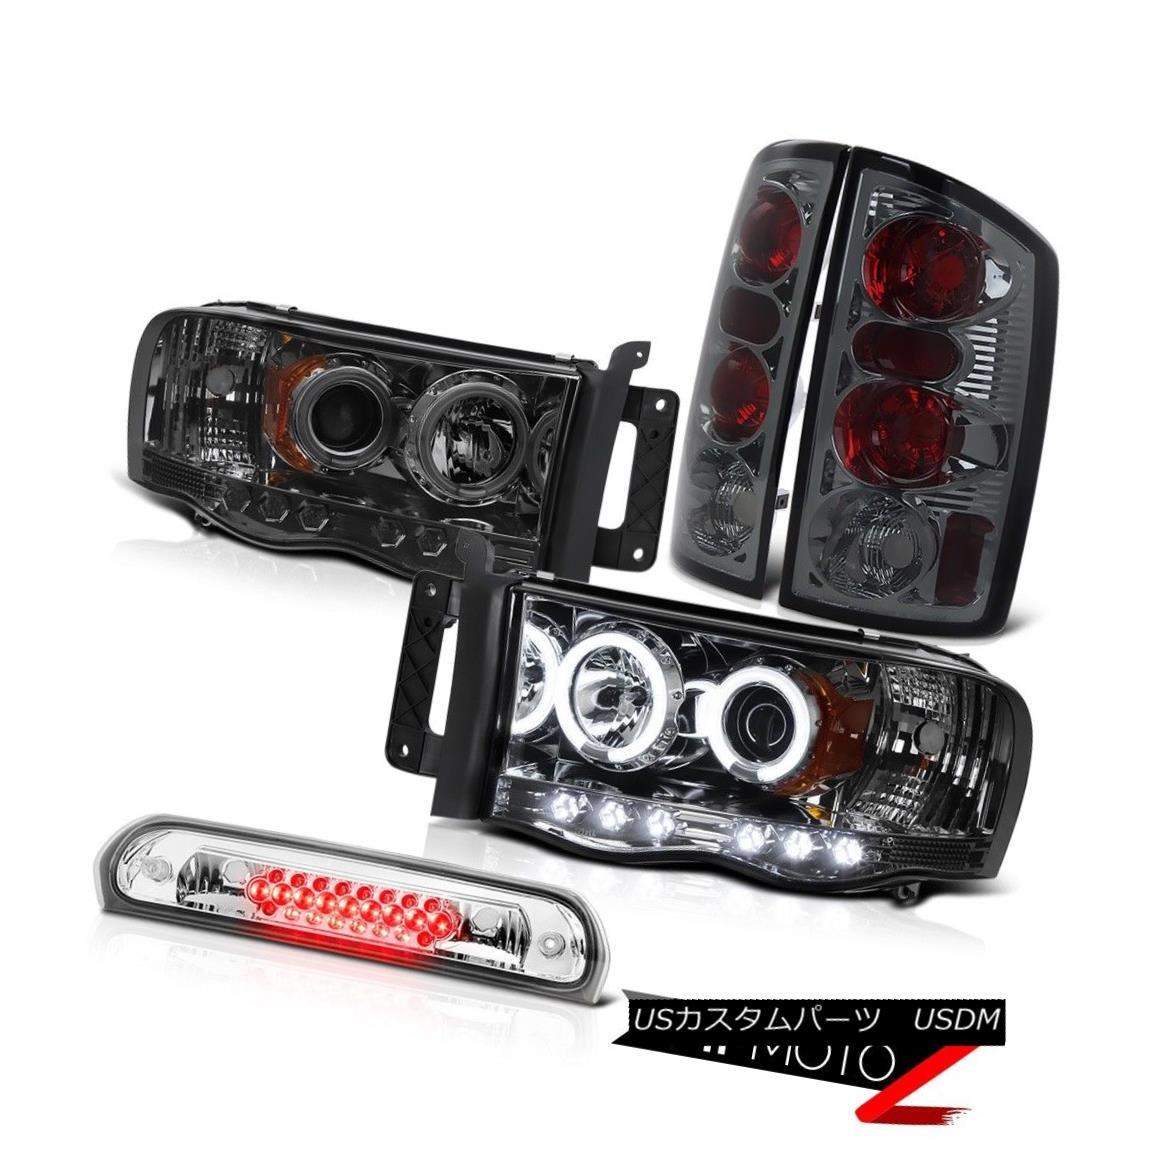 ヘッドライト 2x CCFL Angel Eye Headlights Smoke Rear Tail Lamps Roof LED Clear 02-05 Ram 3500 2x CCFLエンジェルアイヘッドライトスモークリアテールランプルーフLEDクリア02-05 Ram 3500